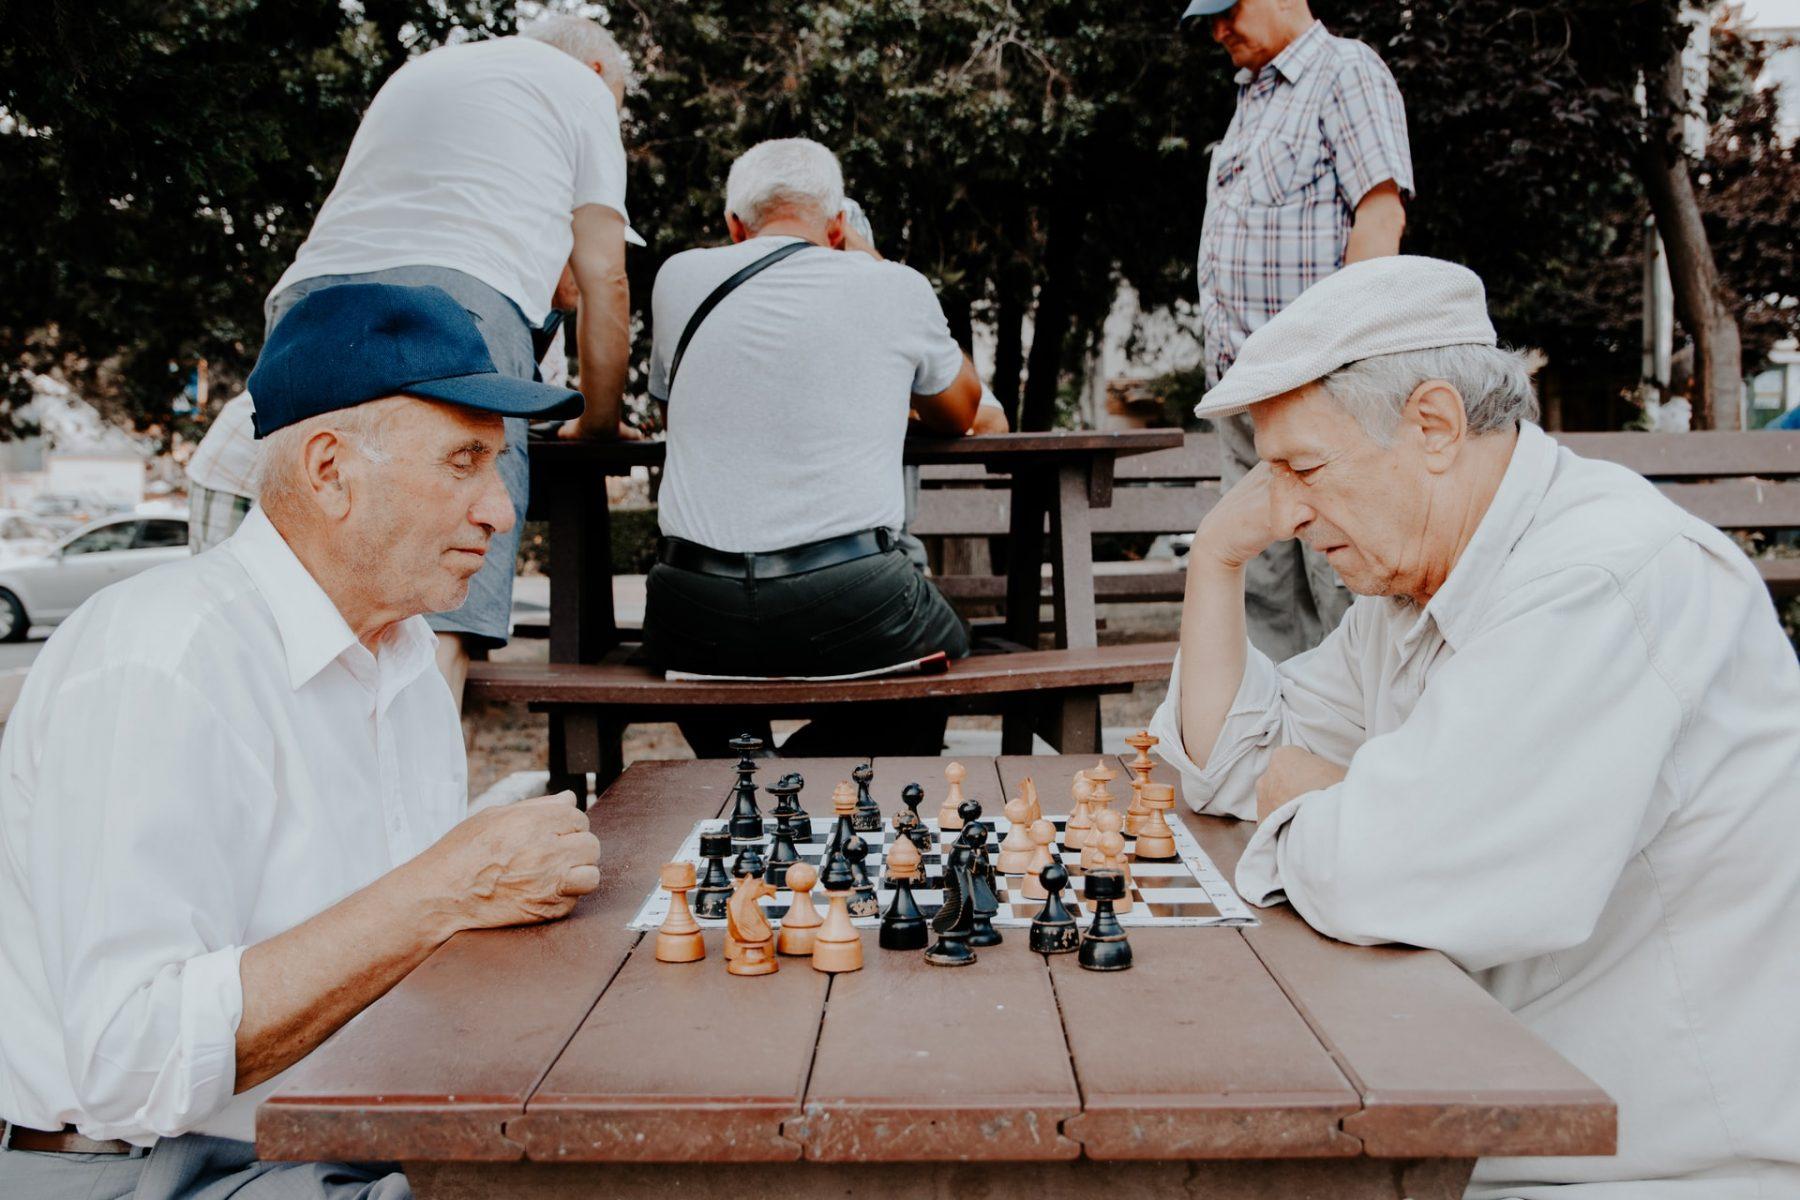 Ηλικιωμένοι βοήθεια: Διατηρώντας την αξιοπρέπεια προς τη δύση της ζωής